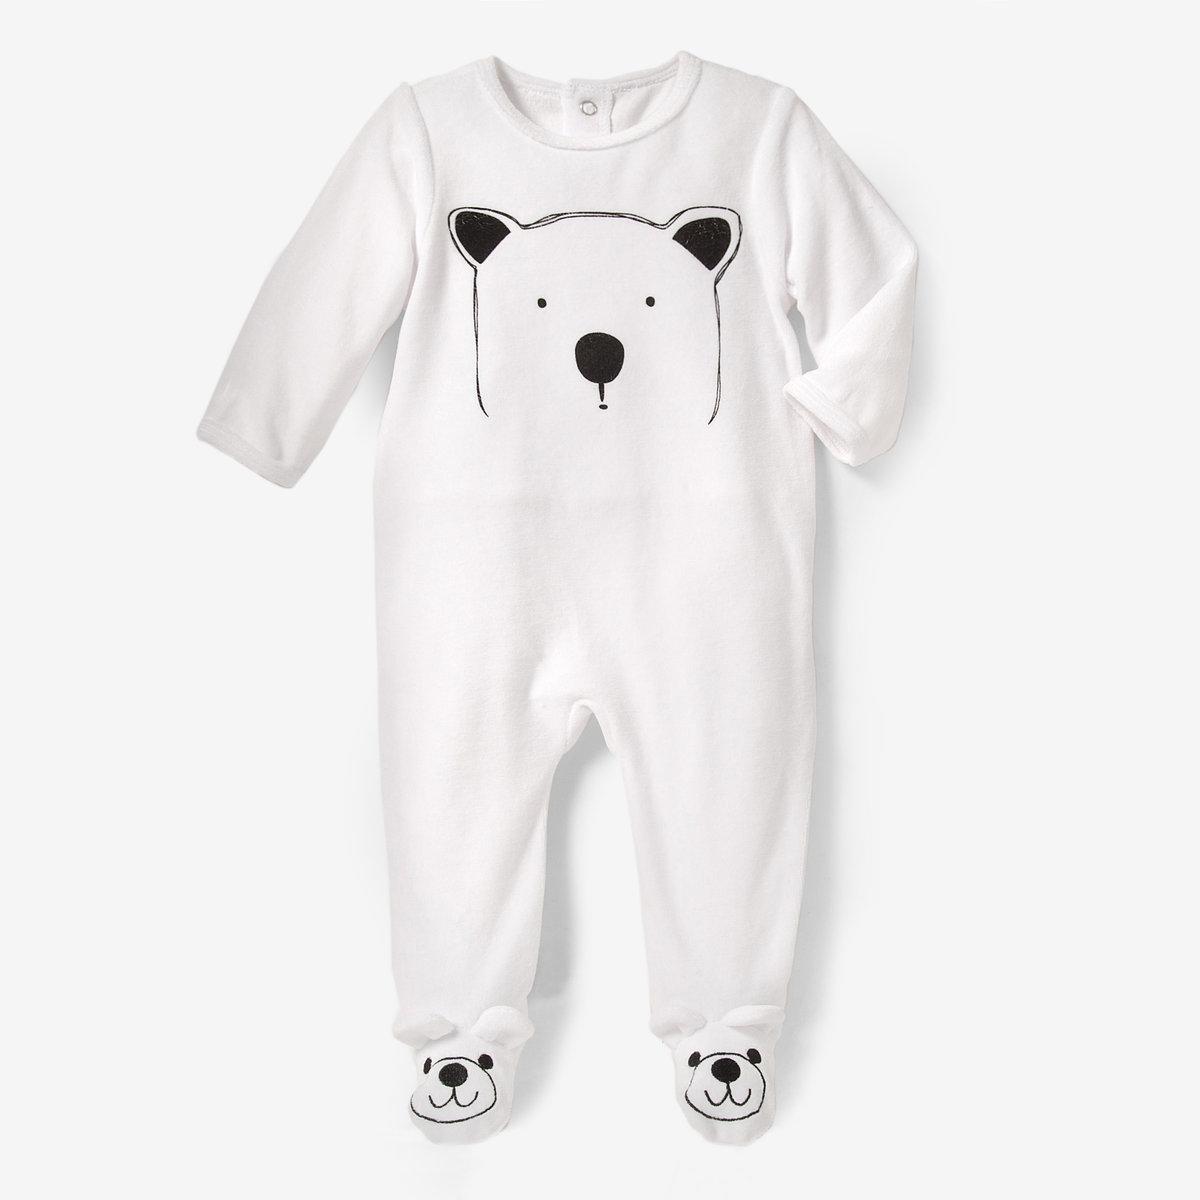 Пижама велюровая со вшитыми носочками, 0 мес.-3 лет